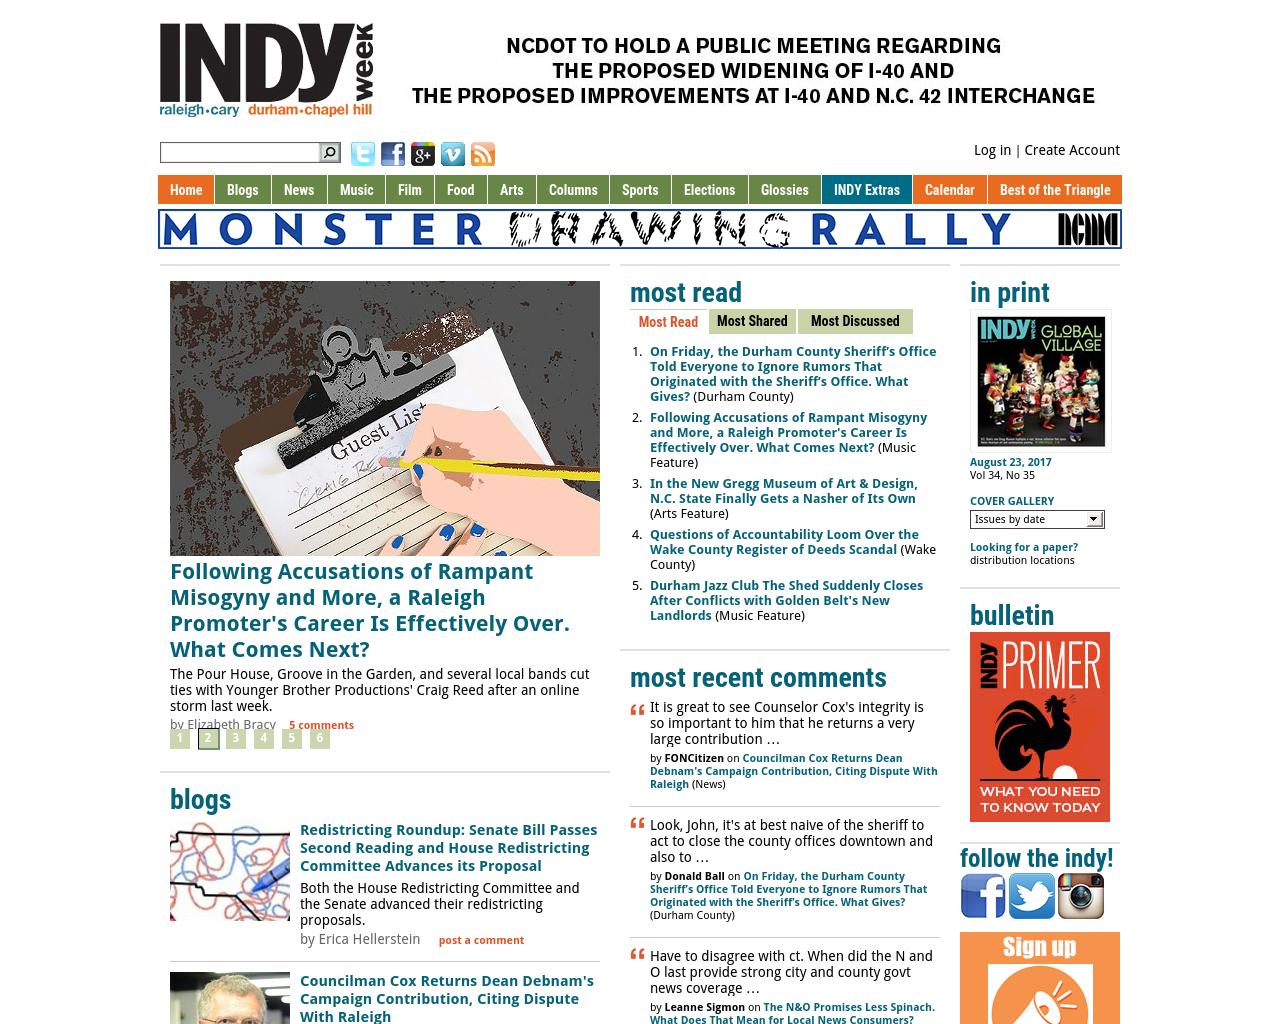 INDYWeek-Advertising-Reviews-Pricing